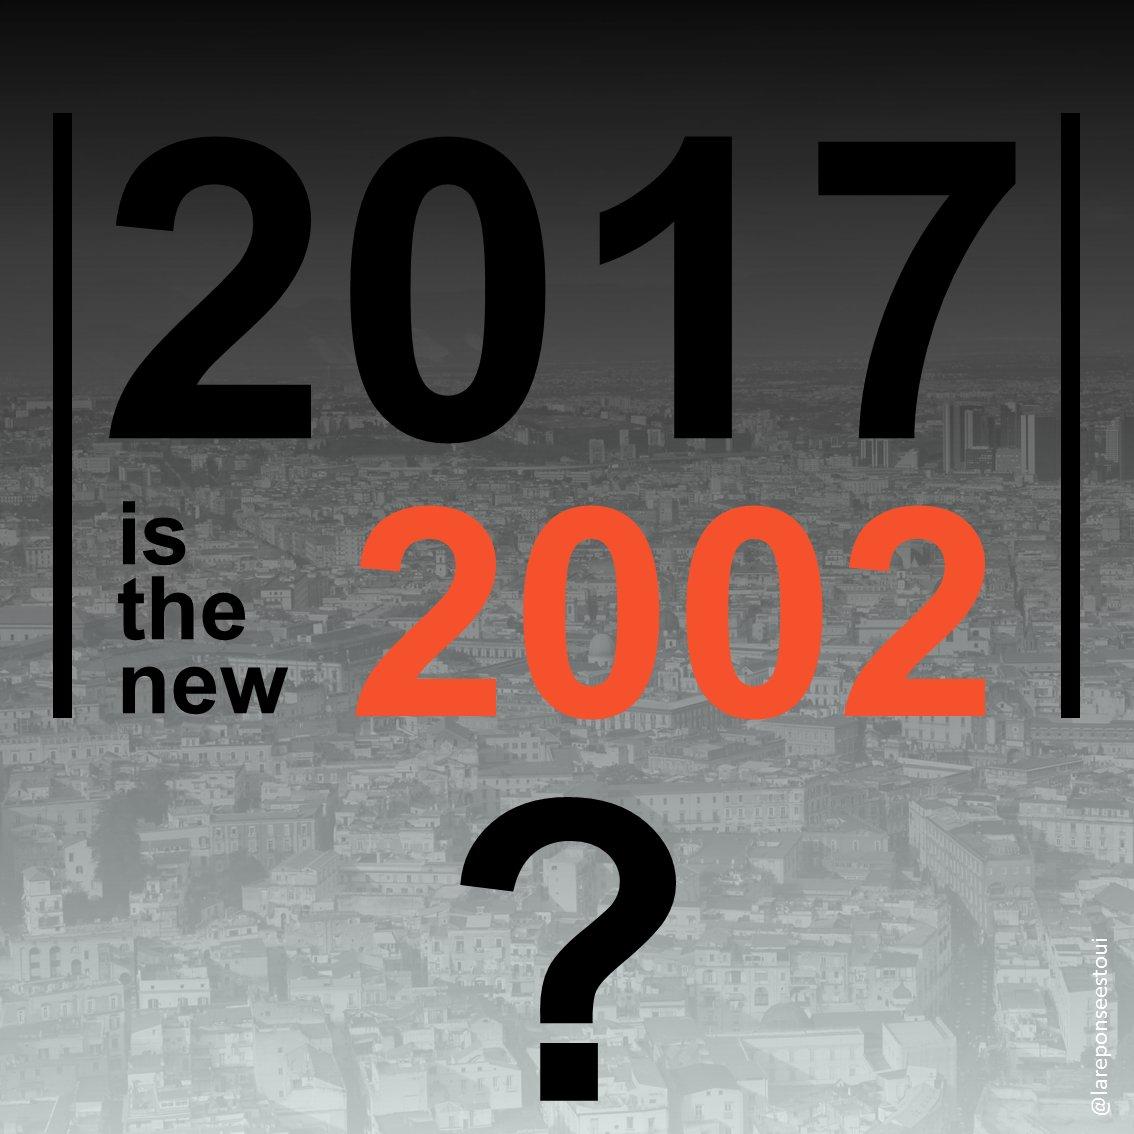 Élections présidentielles 2017 1er tour J-2  #21avril #2002  #23avril #2017 2017, le nouveau 2002 ? #Presidentielles2017pic.twitter.com/VByGg0yTka